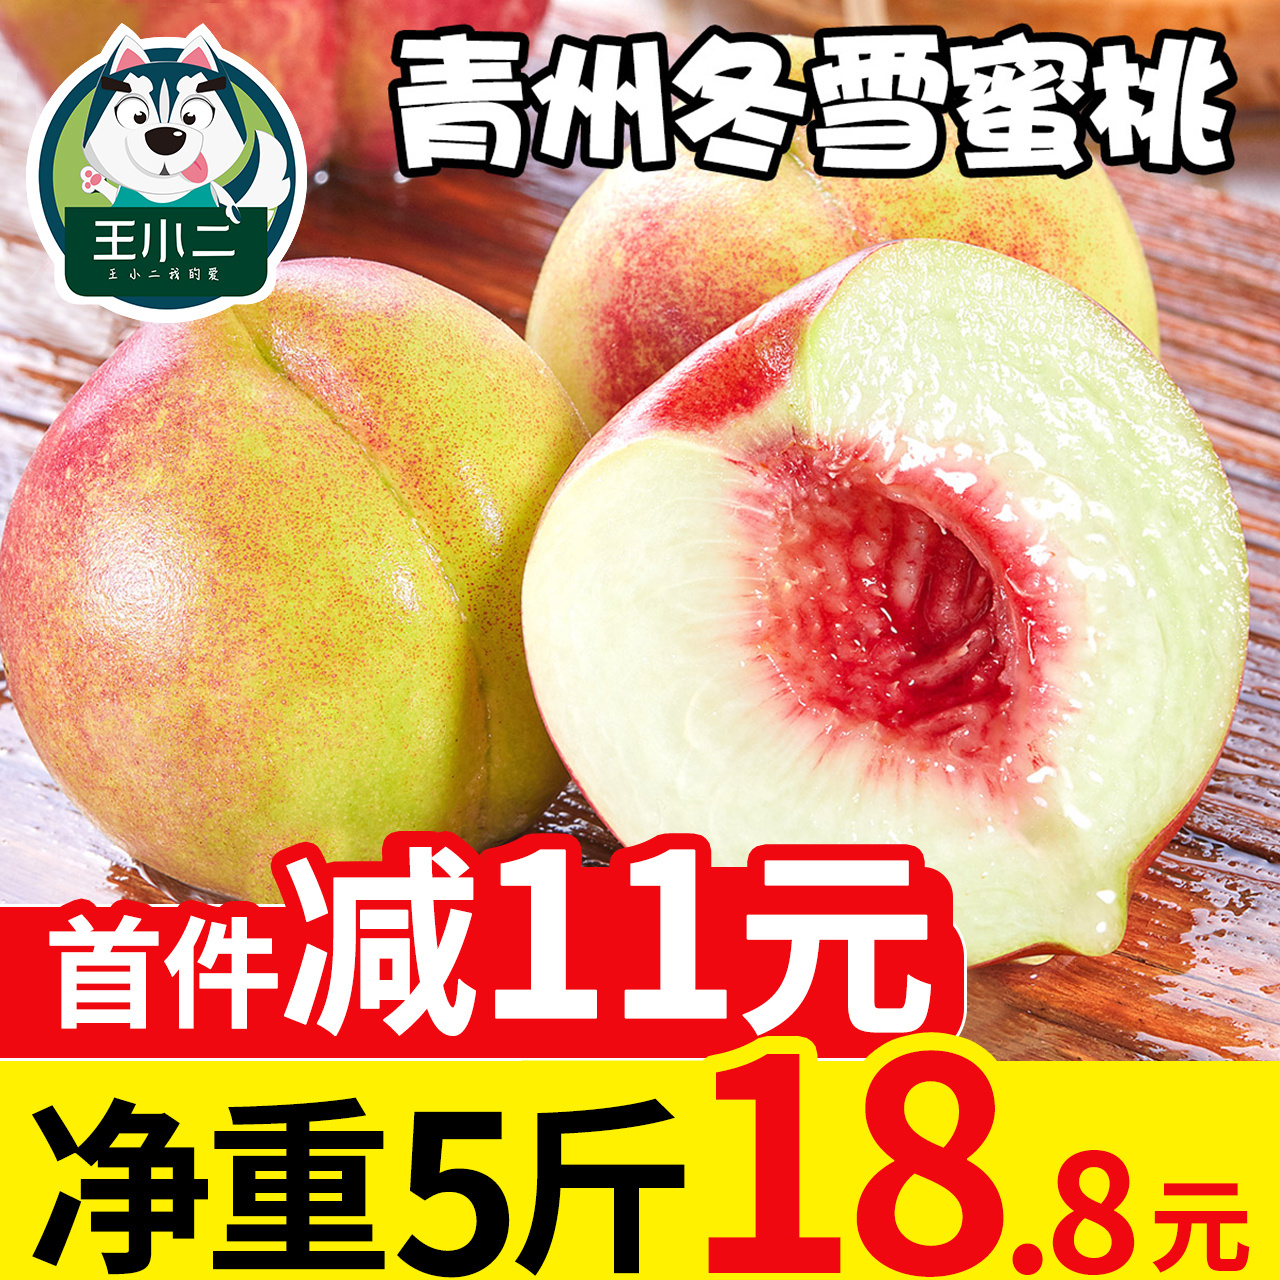 王小二 青州冬雪蜜桃新鲜水果桃子包邮当季密桃脆毛桃多水蜜桃5斤